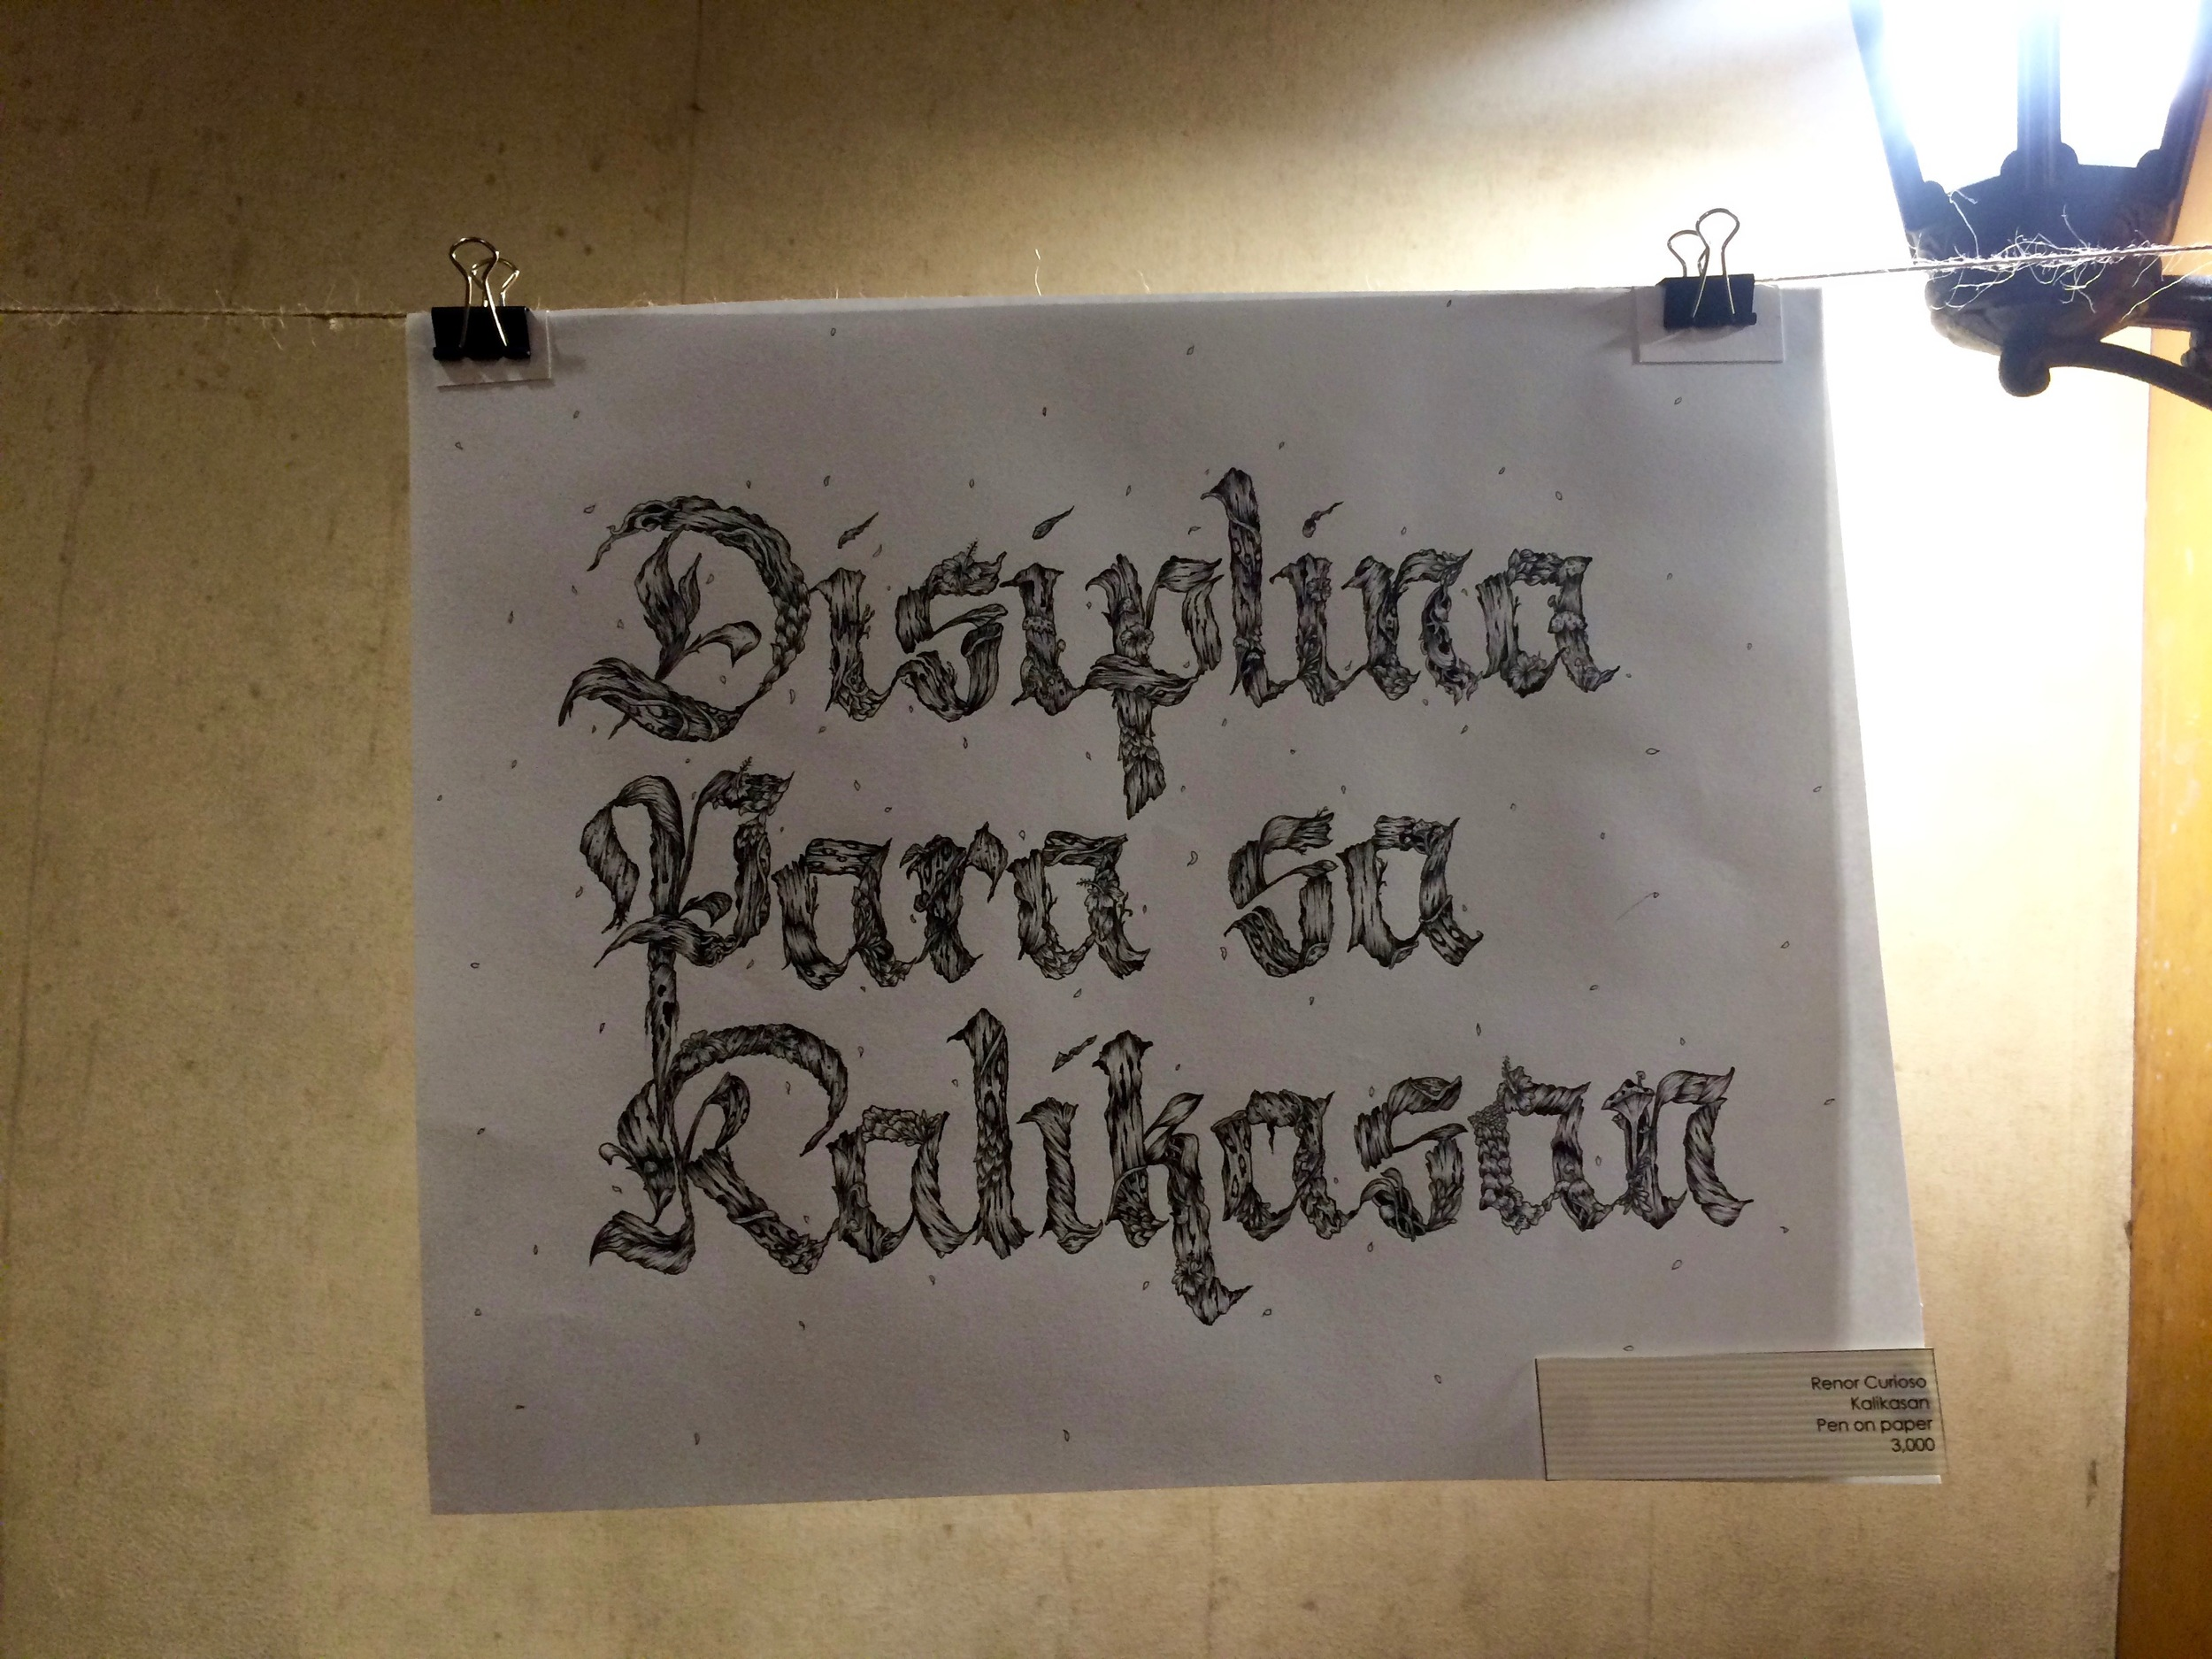 Disiplina para sa Kalikasan by Renor Curioso